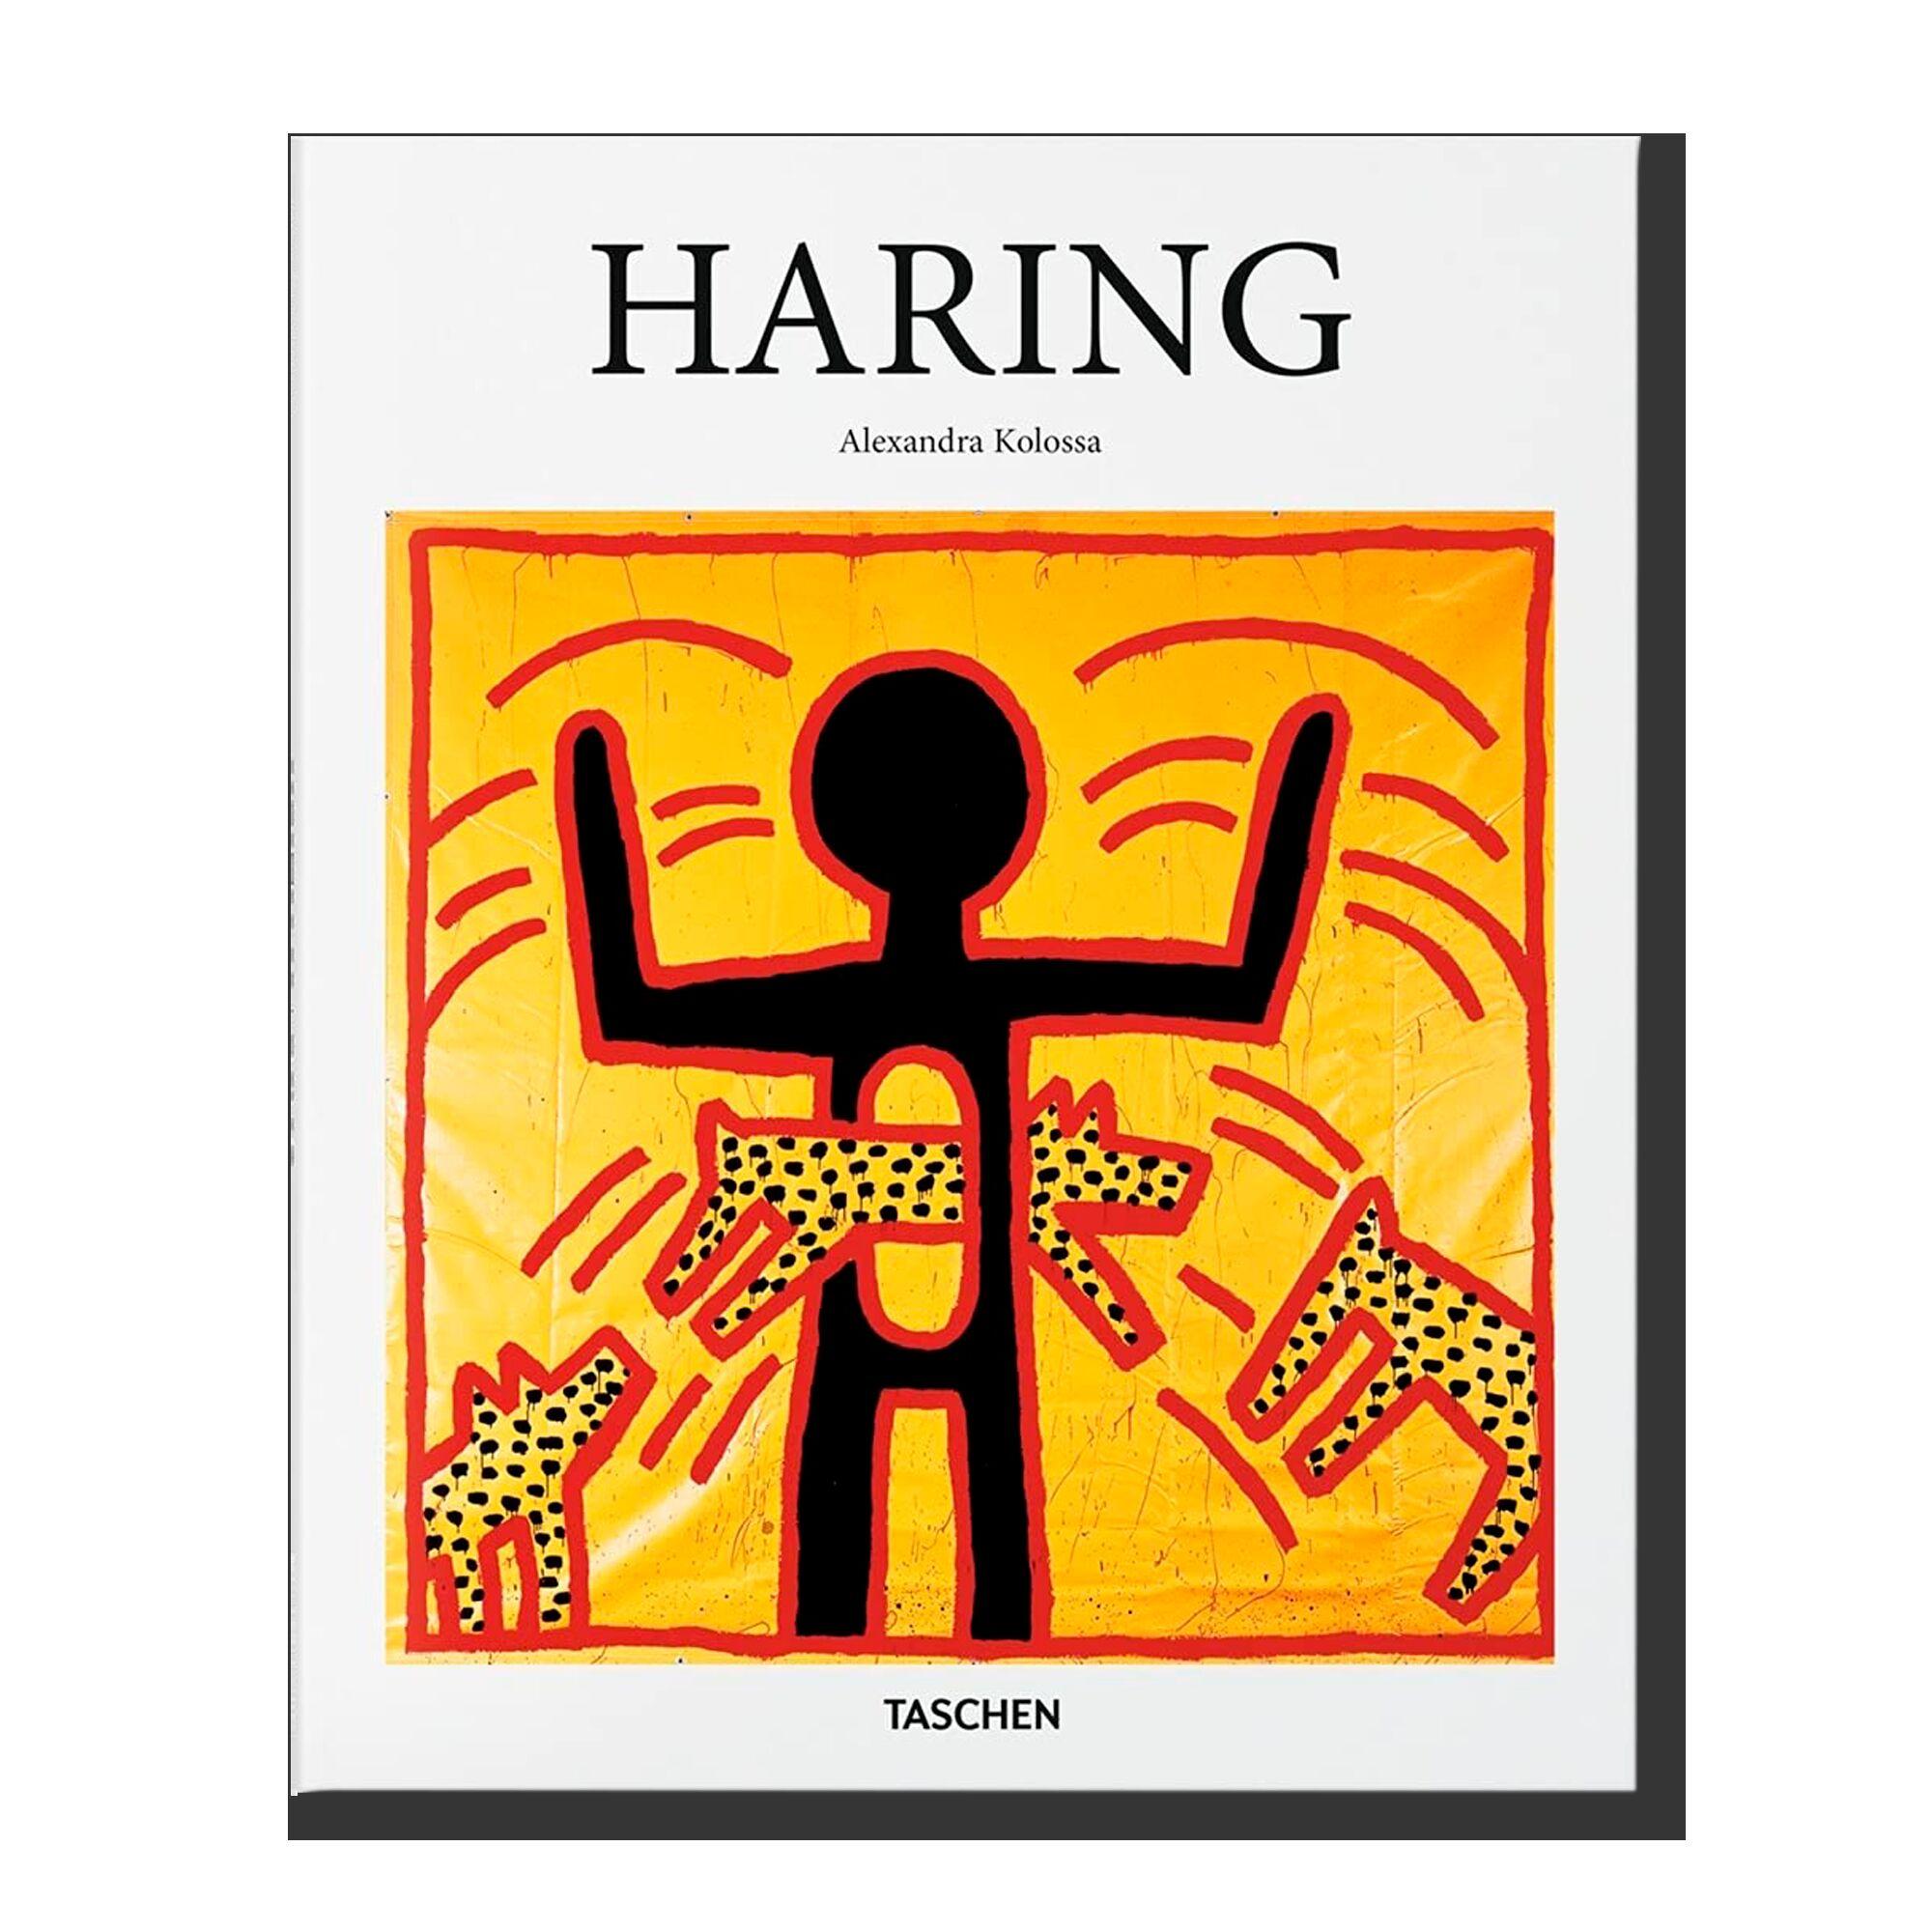 Haring (Basic Art Series)